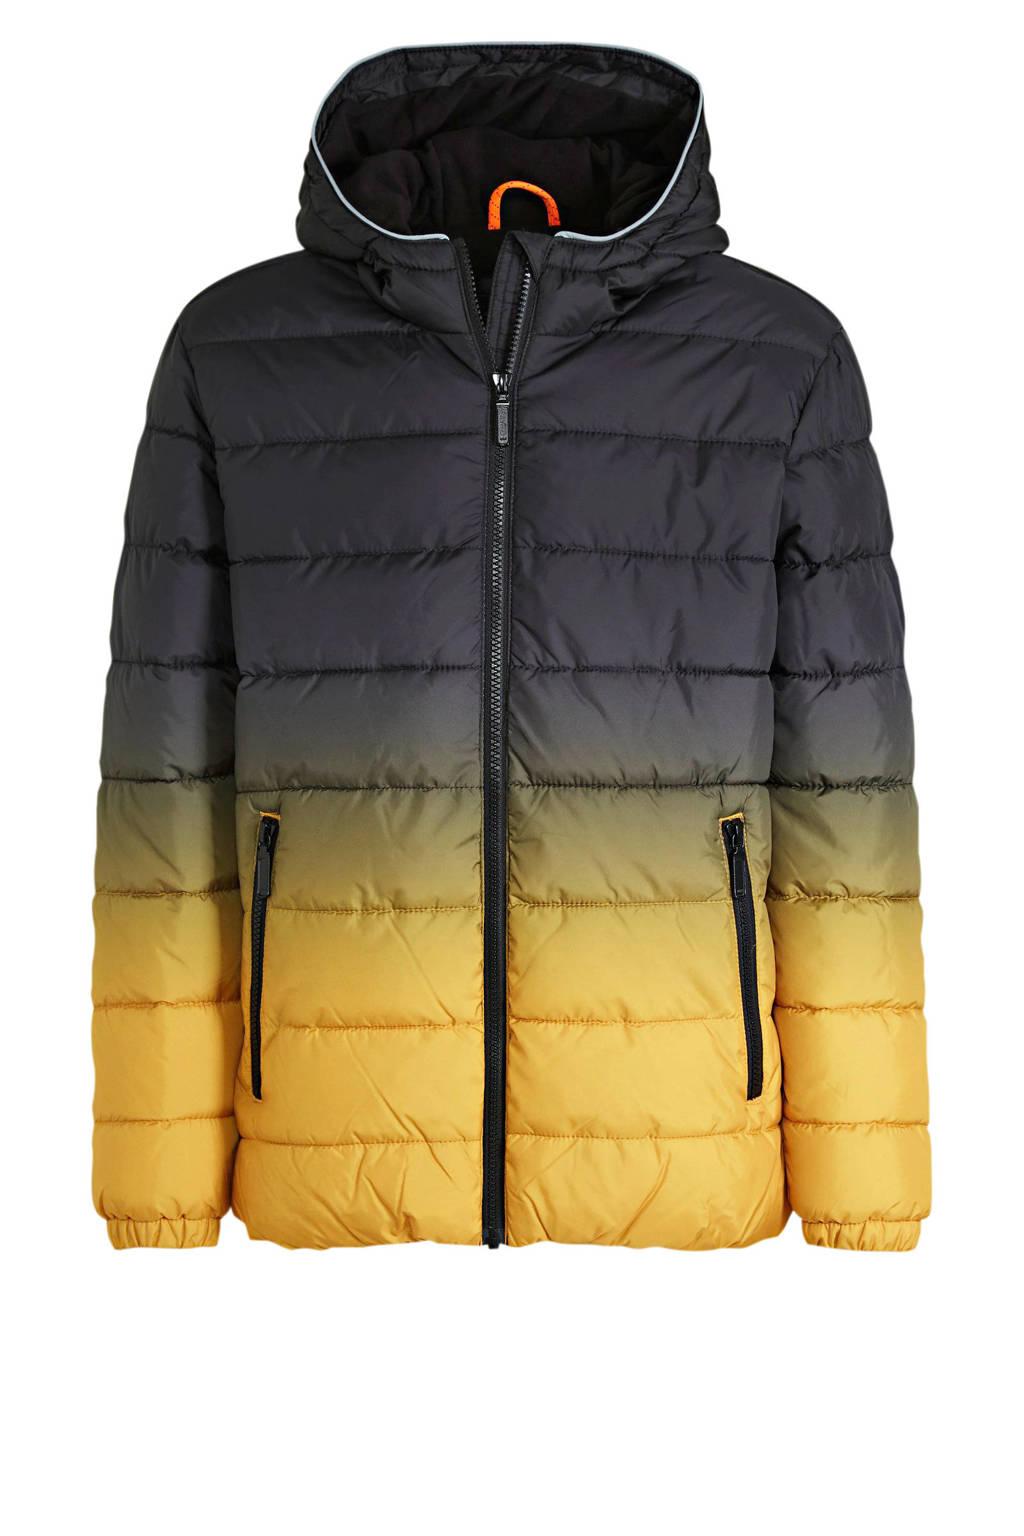 s.Oliver gewatteerde winterjas zwart/geel, Zwart/geel